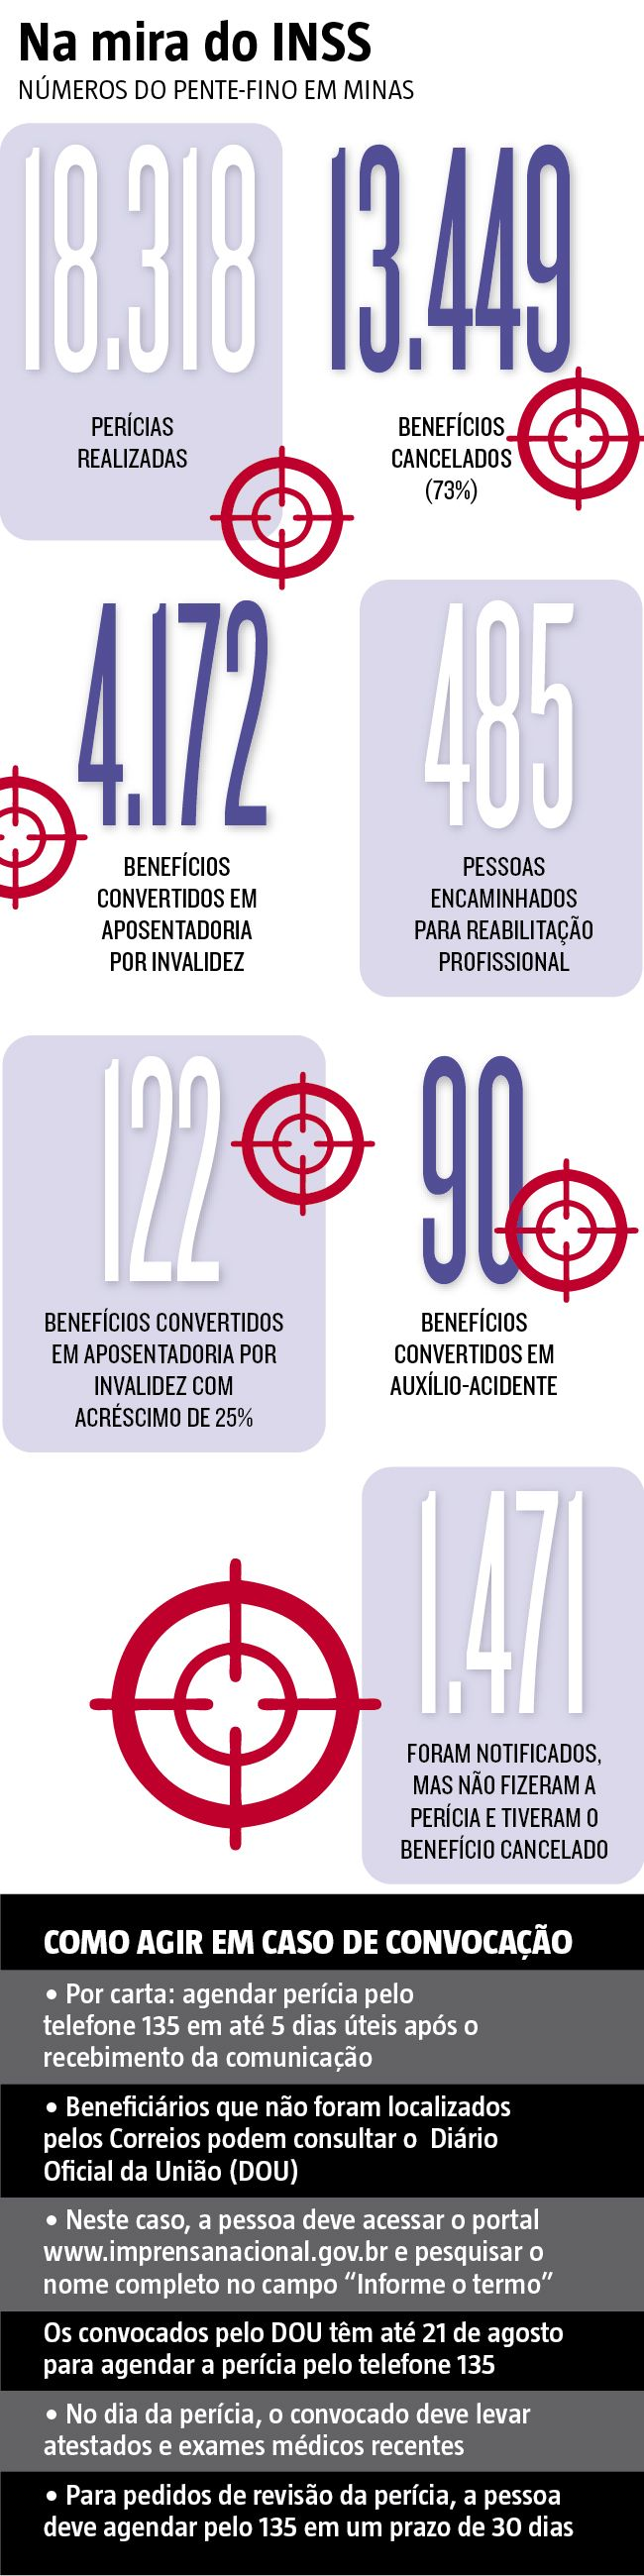 O Instituto Nacional de Seguro Social (INSS) cancelou 13.449 benefícios de auxílio-doença em Minas Gerais desde que começou um pente-fino entre os segurados. O número representa 73,4% das 18.318 perícias feitas pelo instituto (11/08/2017) #INSS #AuxílioDoença #Cancelamento #Veto #MinasGerais #Benefício #Beneficiário #PrevidênciaSocial #Previdência #Social #PenteFino #Infográfico #Infografia #HojeEmDia